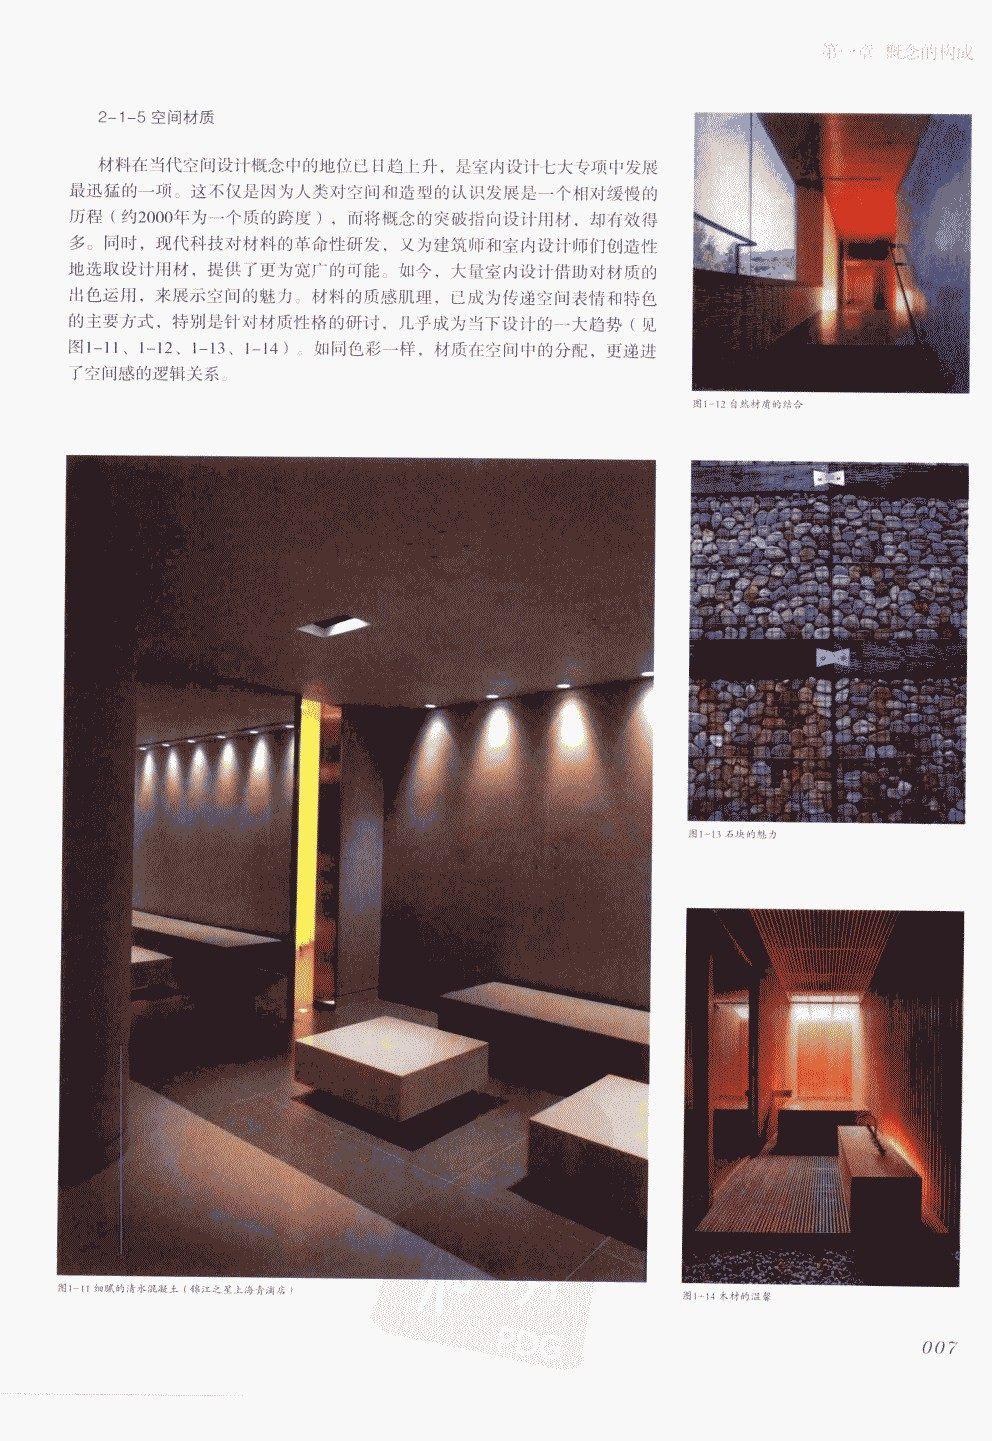 室内设计纲要++概念思考与过程表达_室内设计纲要  概念思考与过程表达_1297982..._页面_015.jpg